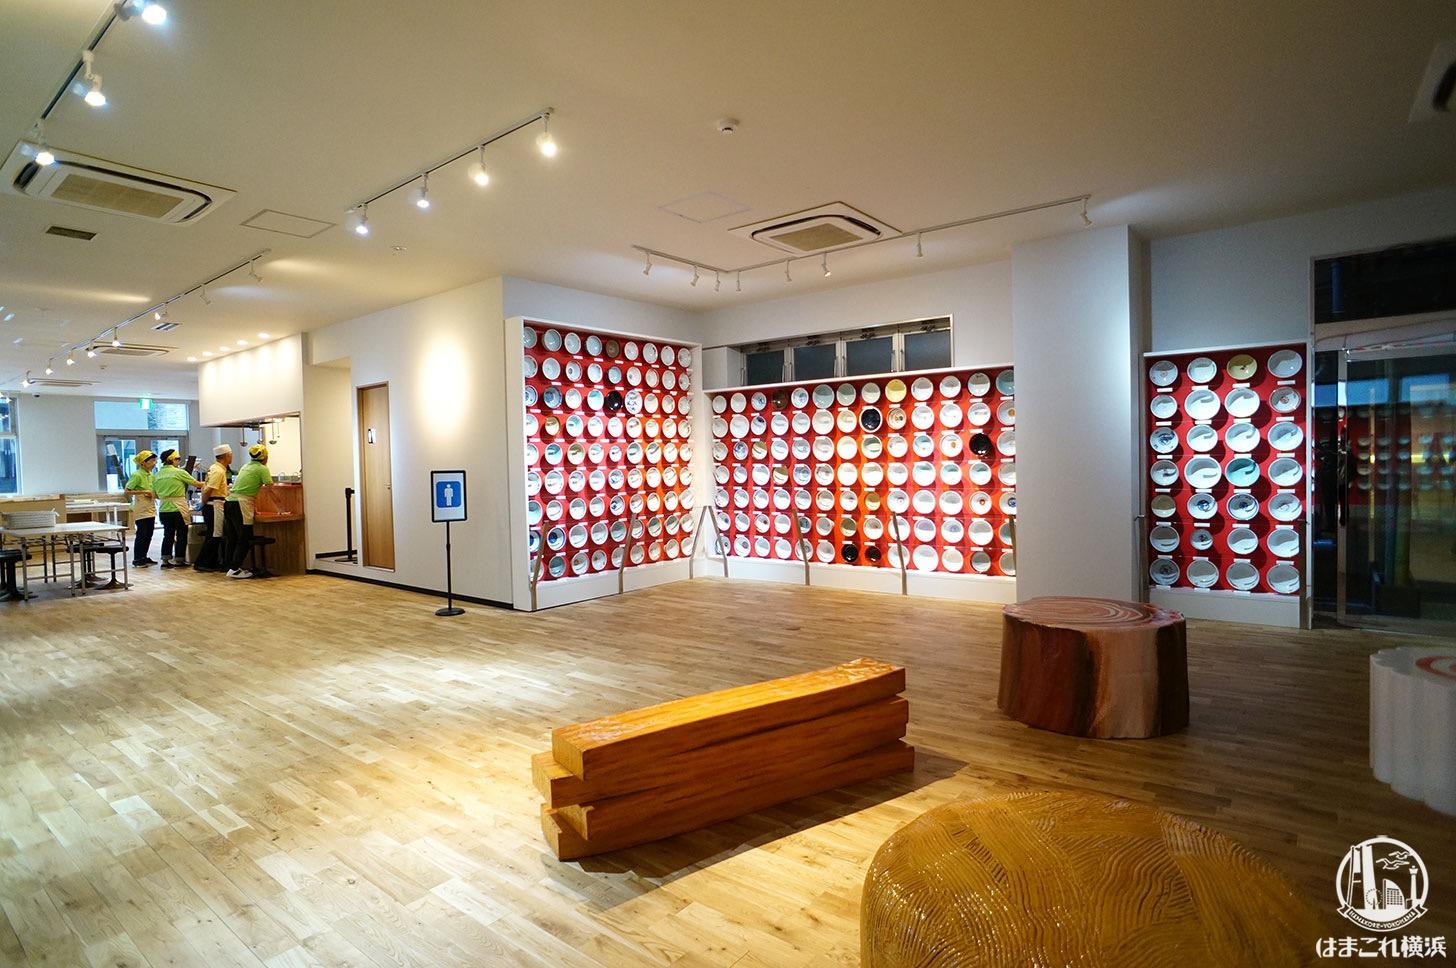 新横浜ラーメン博物館 麺打ち・麺作り体験コーナー